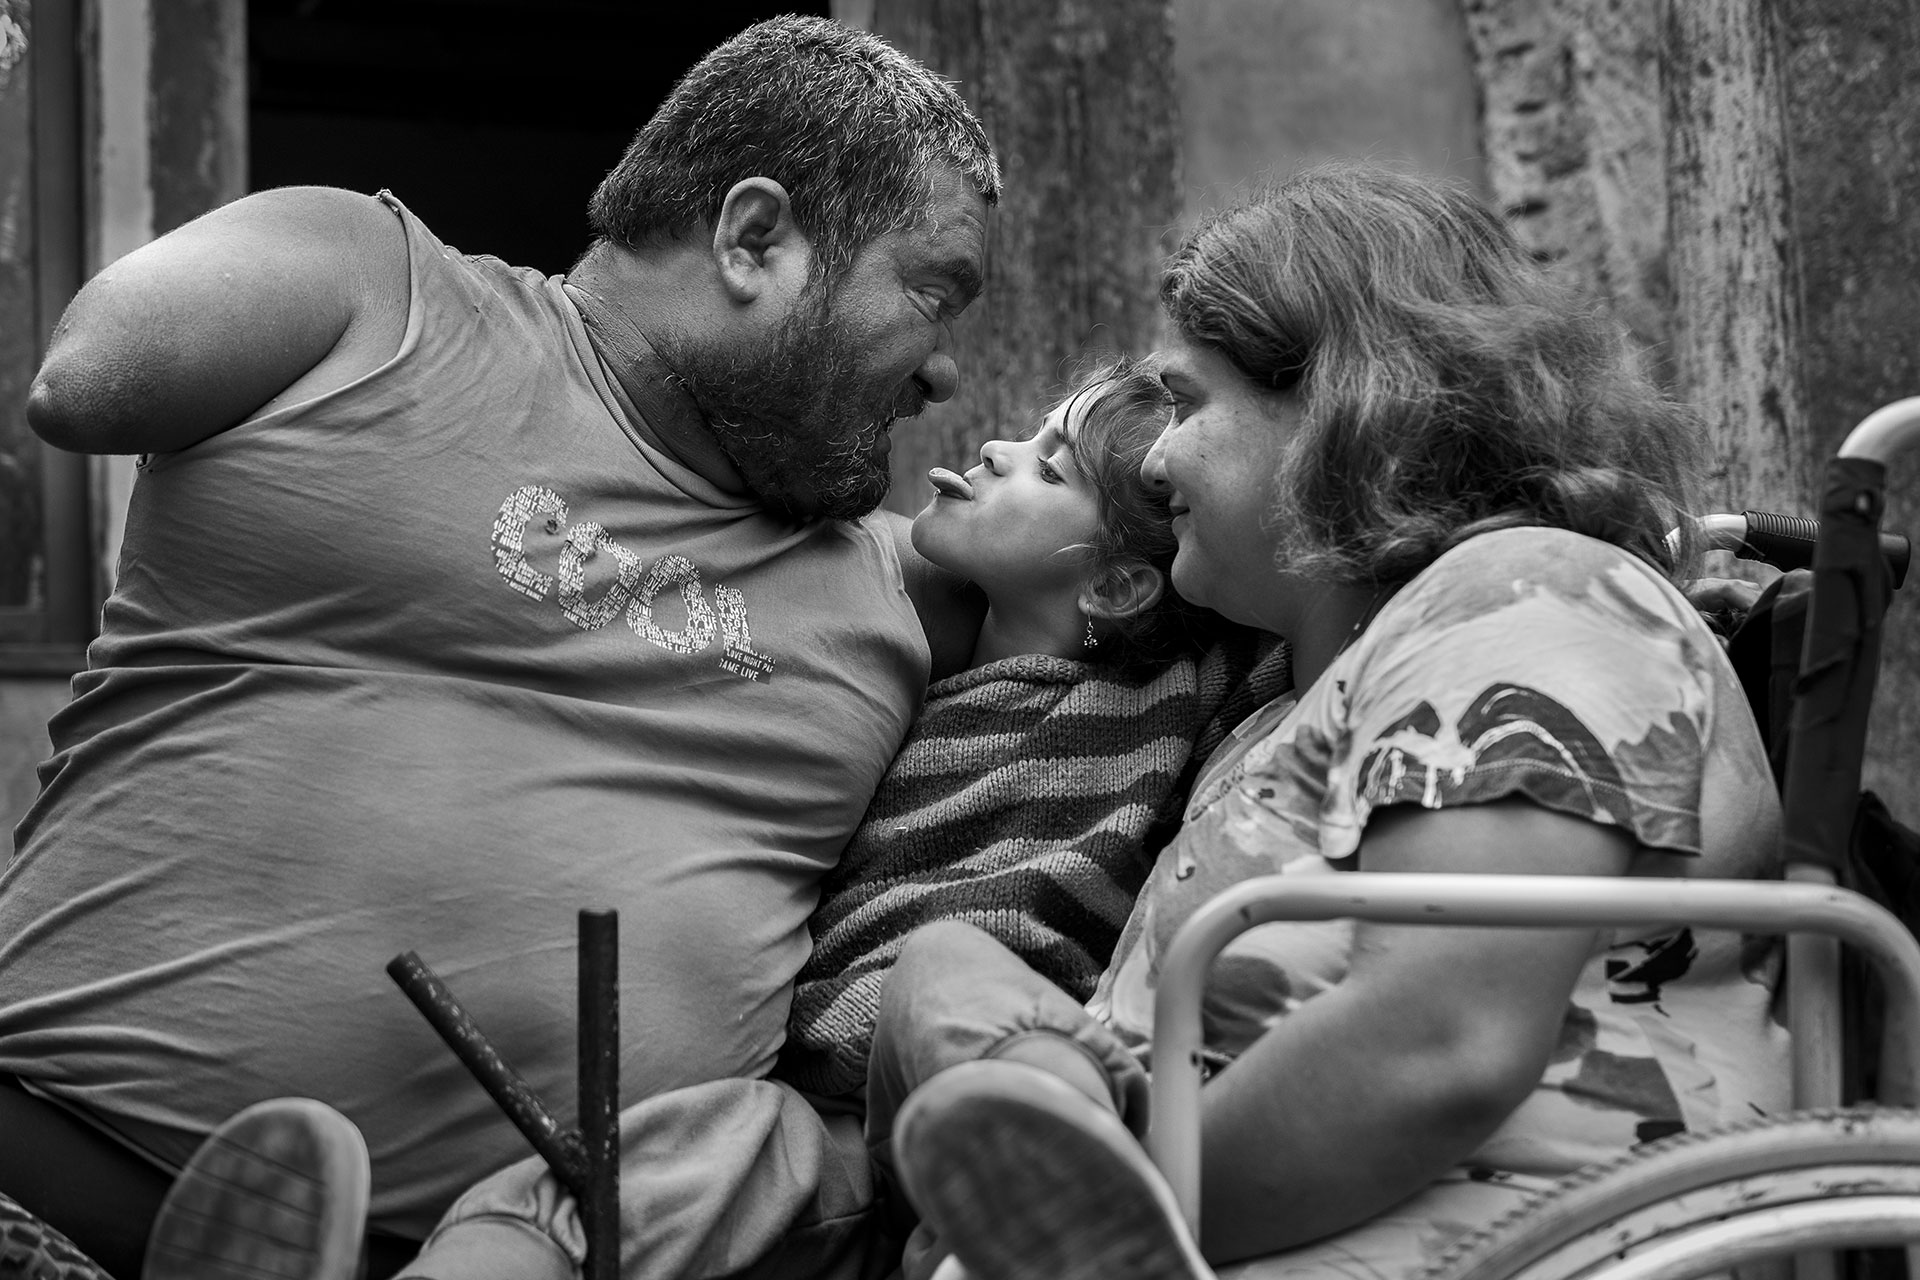 El amor, el apoyo incondicional, la mutua aceptación y los vínculos de cooperación son los pilares fundamentales que sostienen la vida de Jorge, Vero y su pequeña hijita Ángeles.